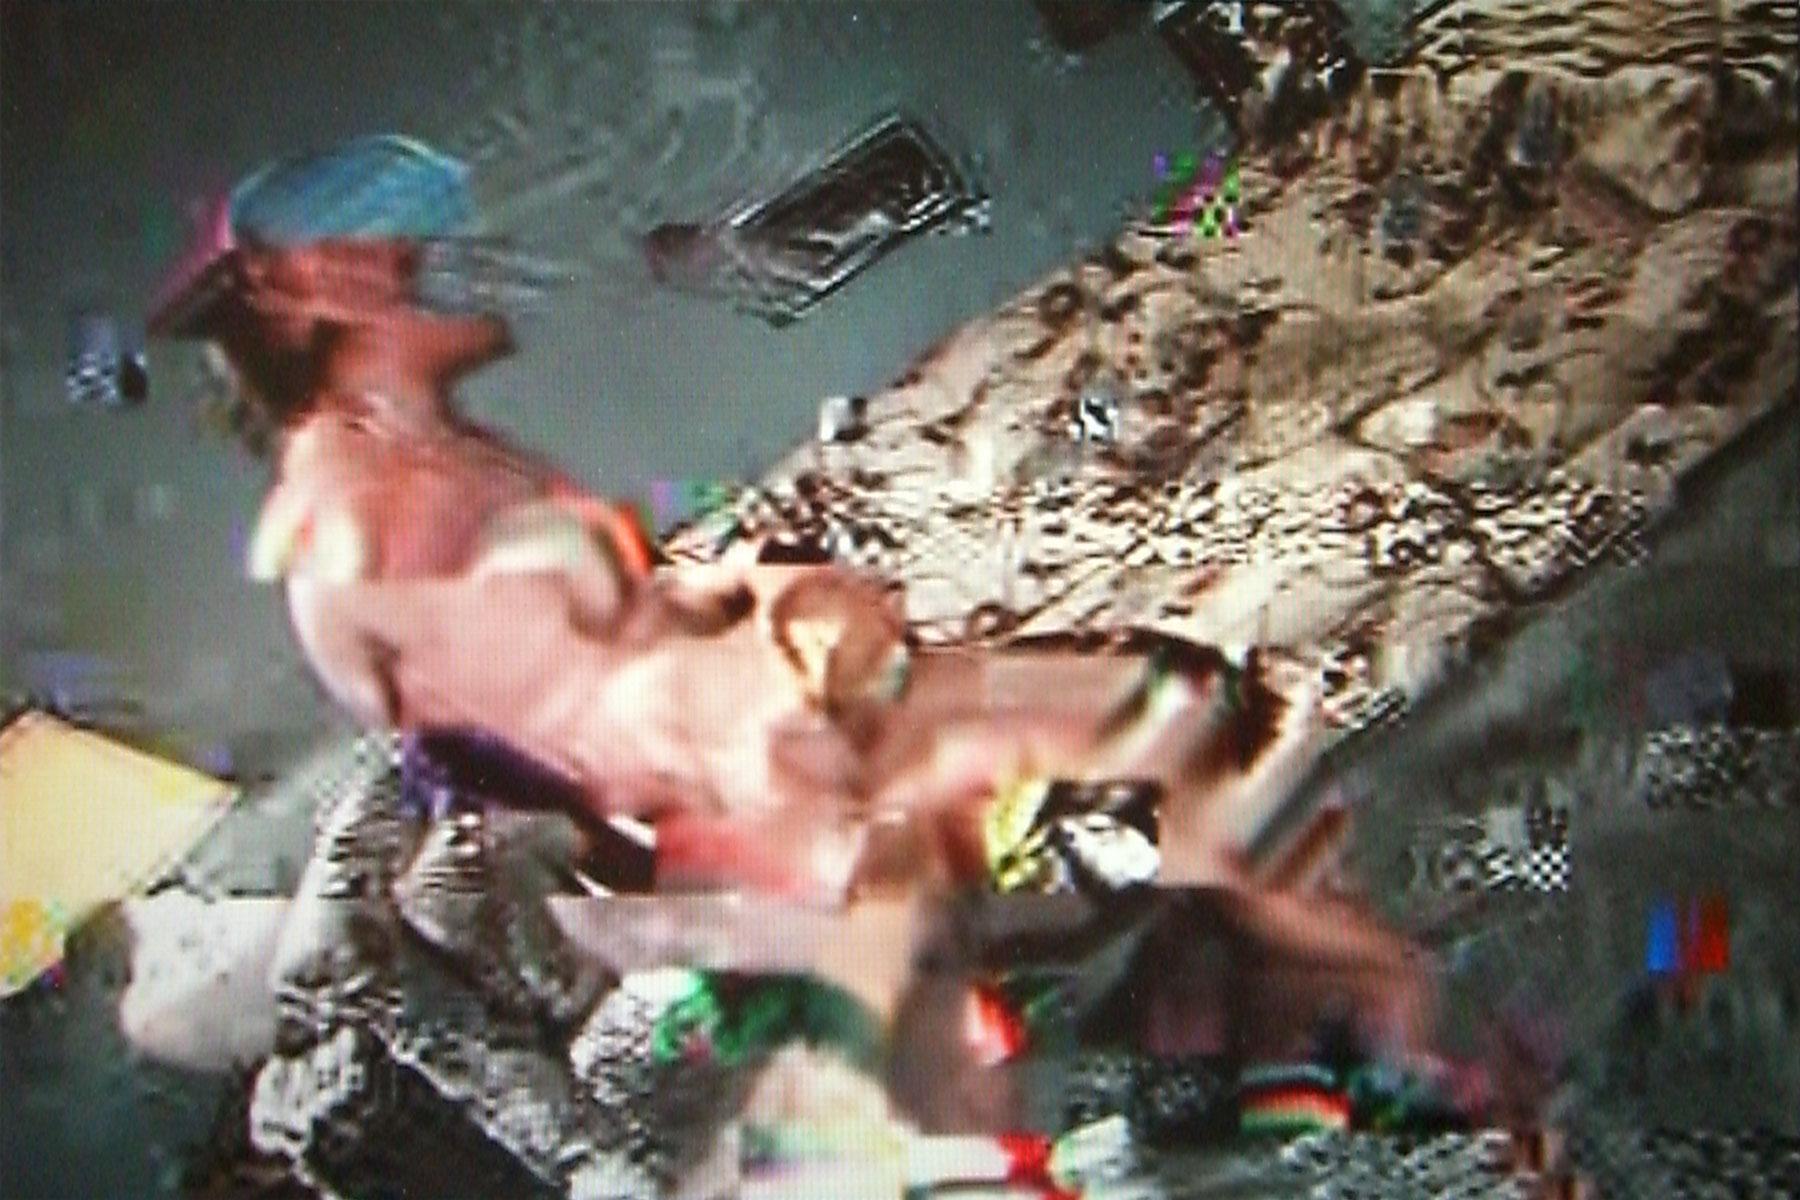 David-le-Viseur_Porno-vs-Bible_Video-Still_05_2006